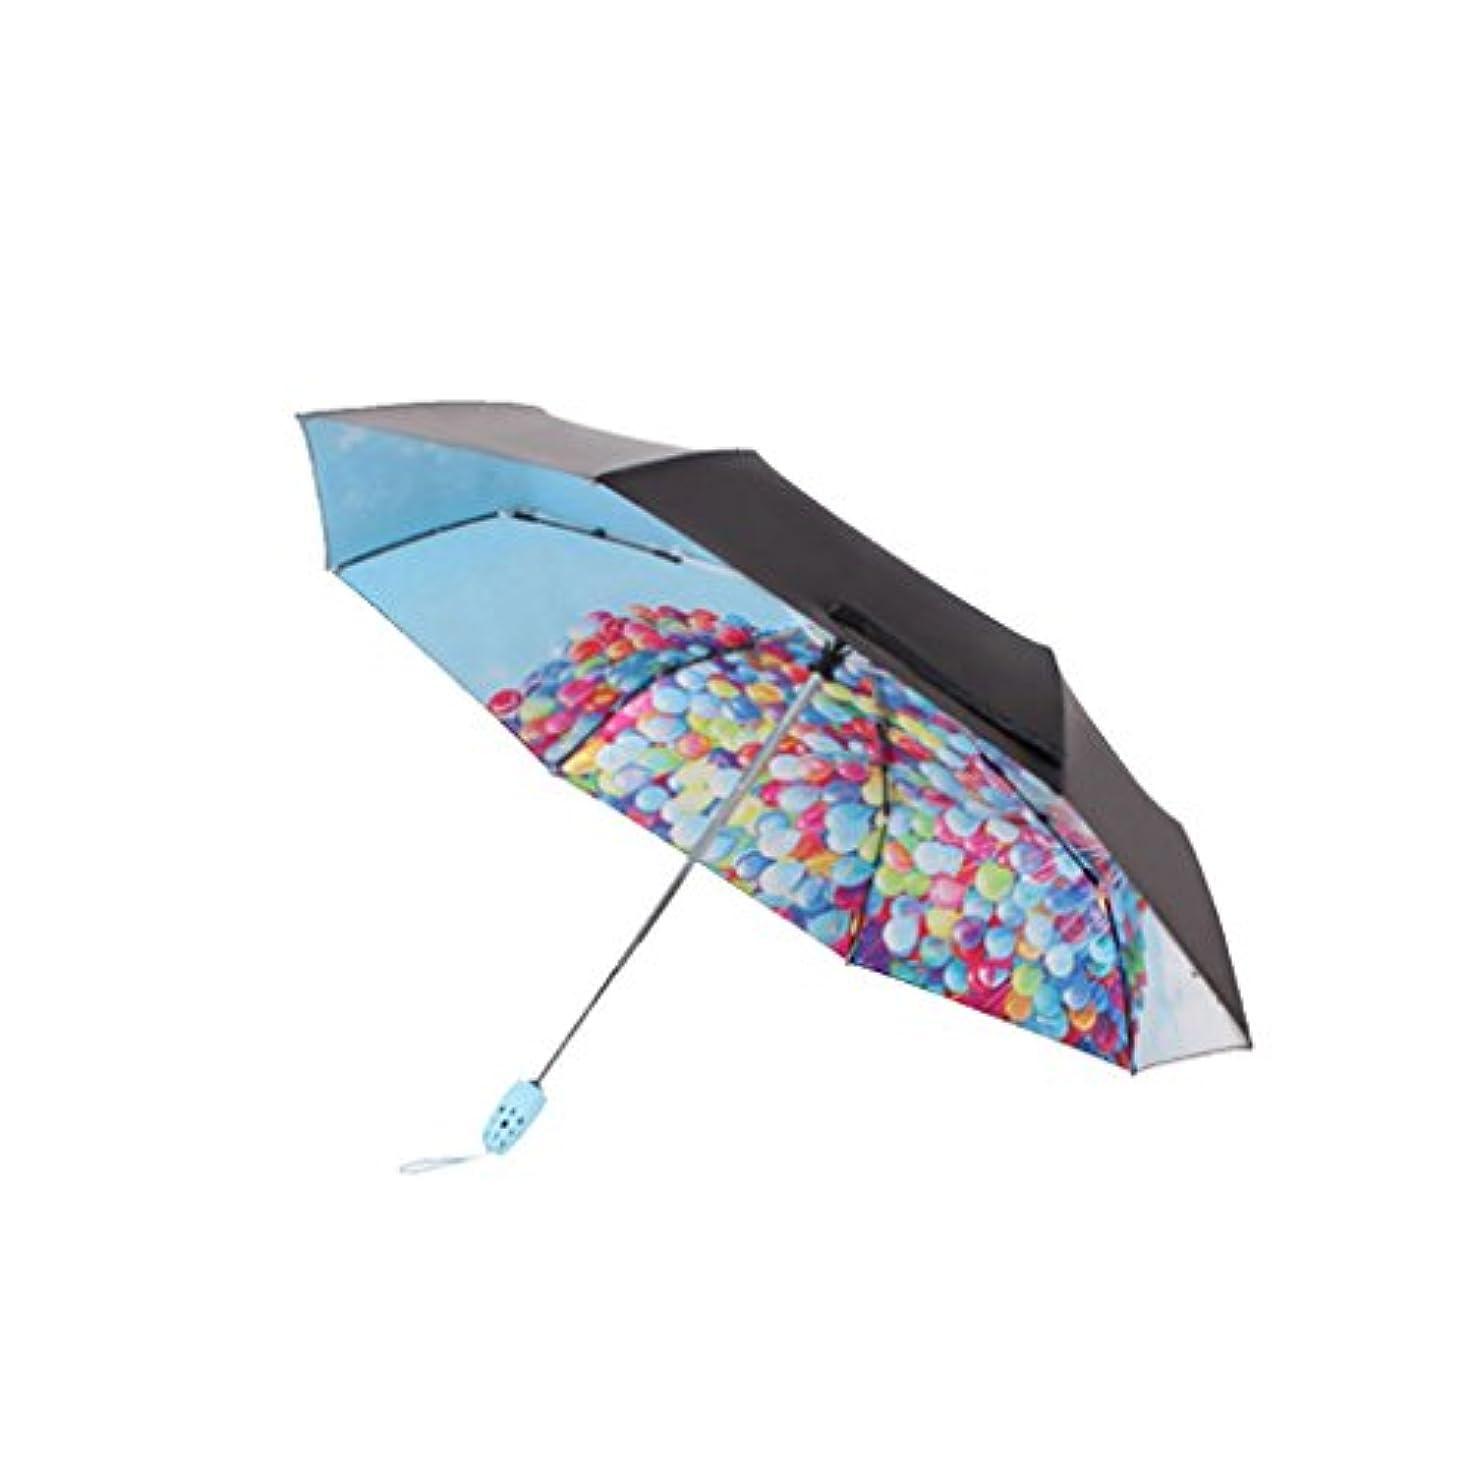 彼女希望に満ちたマイクロプロセッサ旅行用傘 コンパクト旅行傘 - 女性傘日傘ファッショナブルなポータブル折りたたみ傘日除け抗紫外線高速乾燥防風旅行傘 - 自動開閉ボタン、テフロンコーティング UVカット (色 : 青)